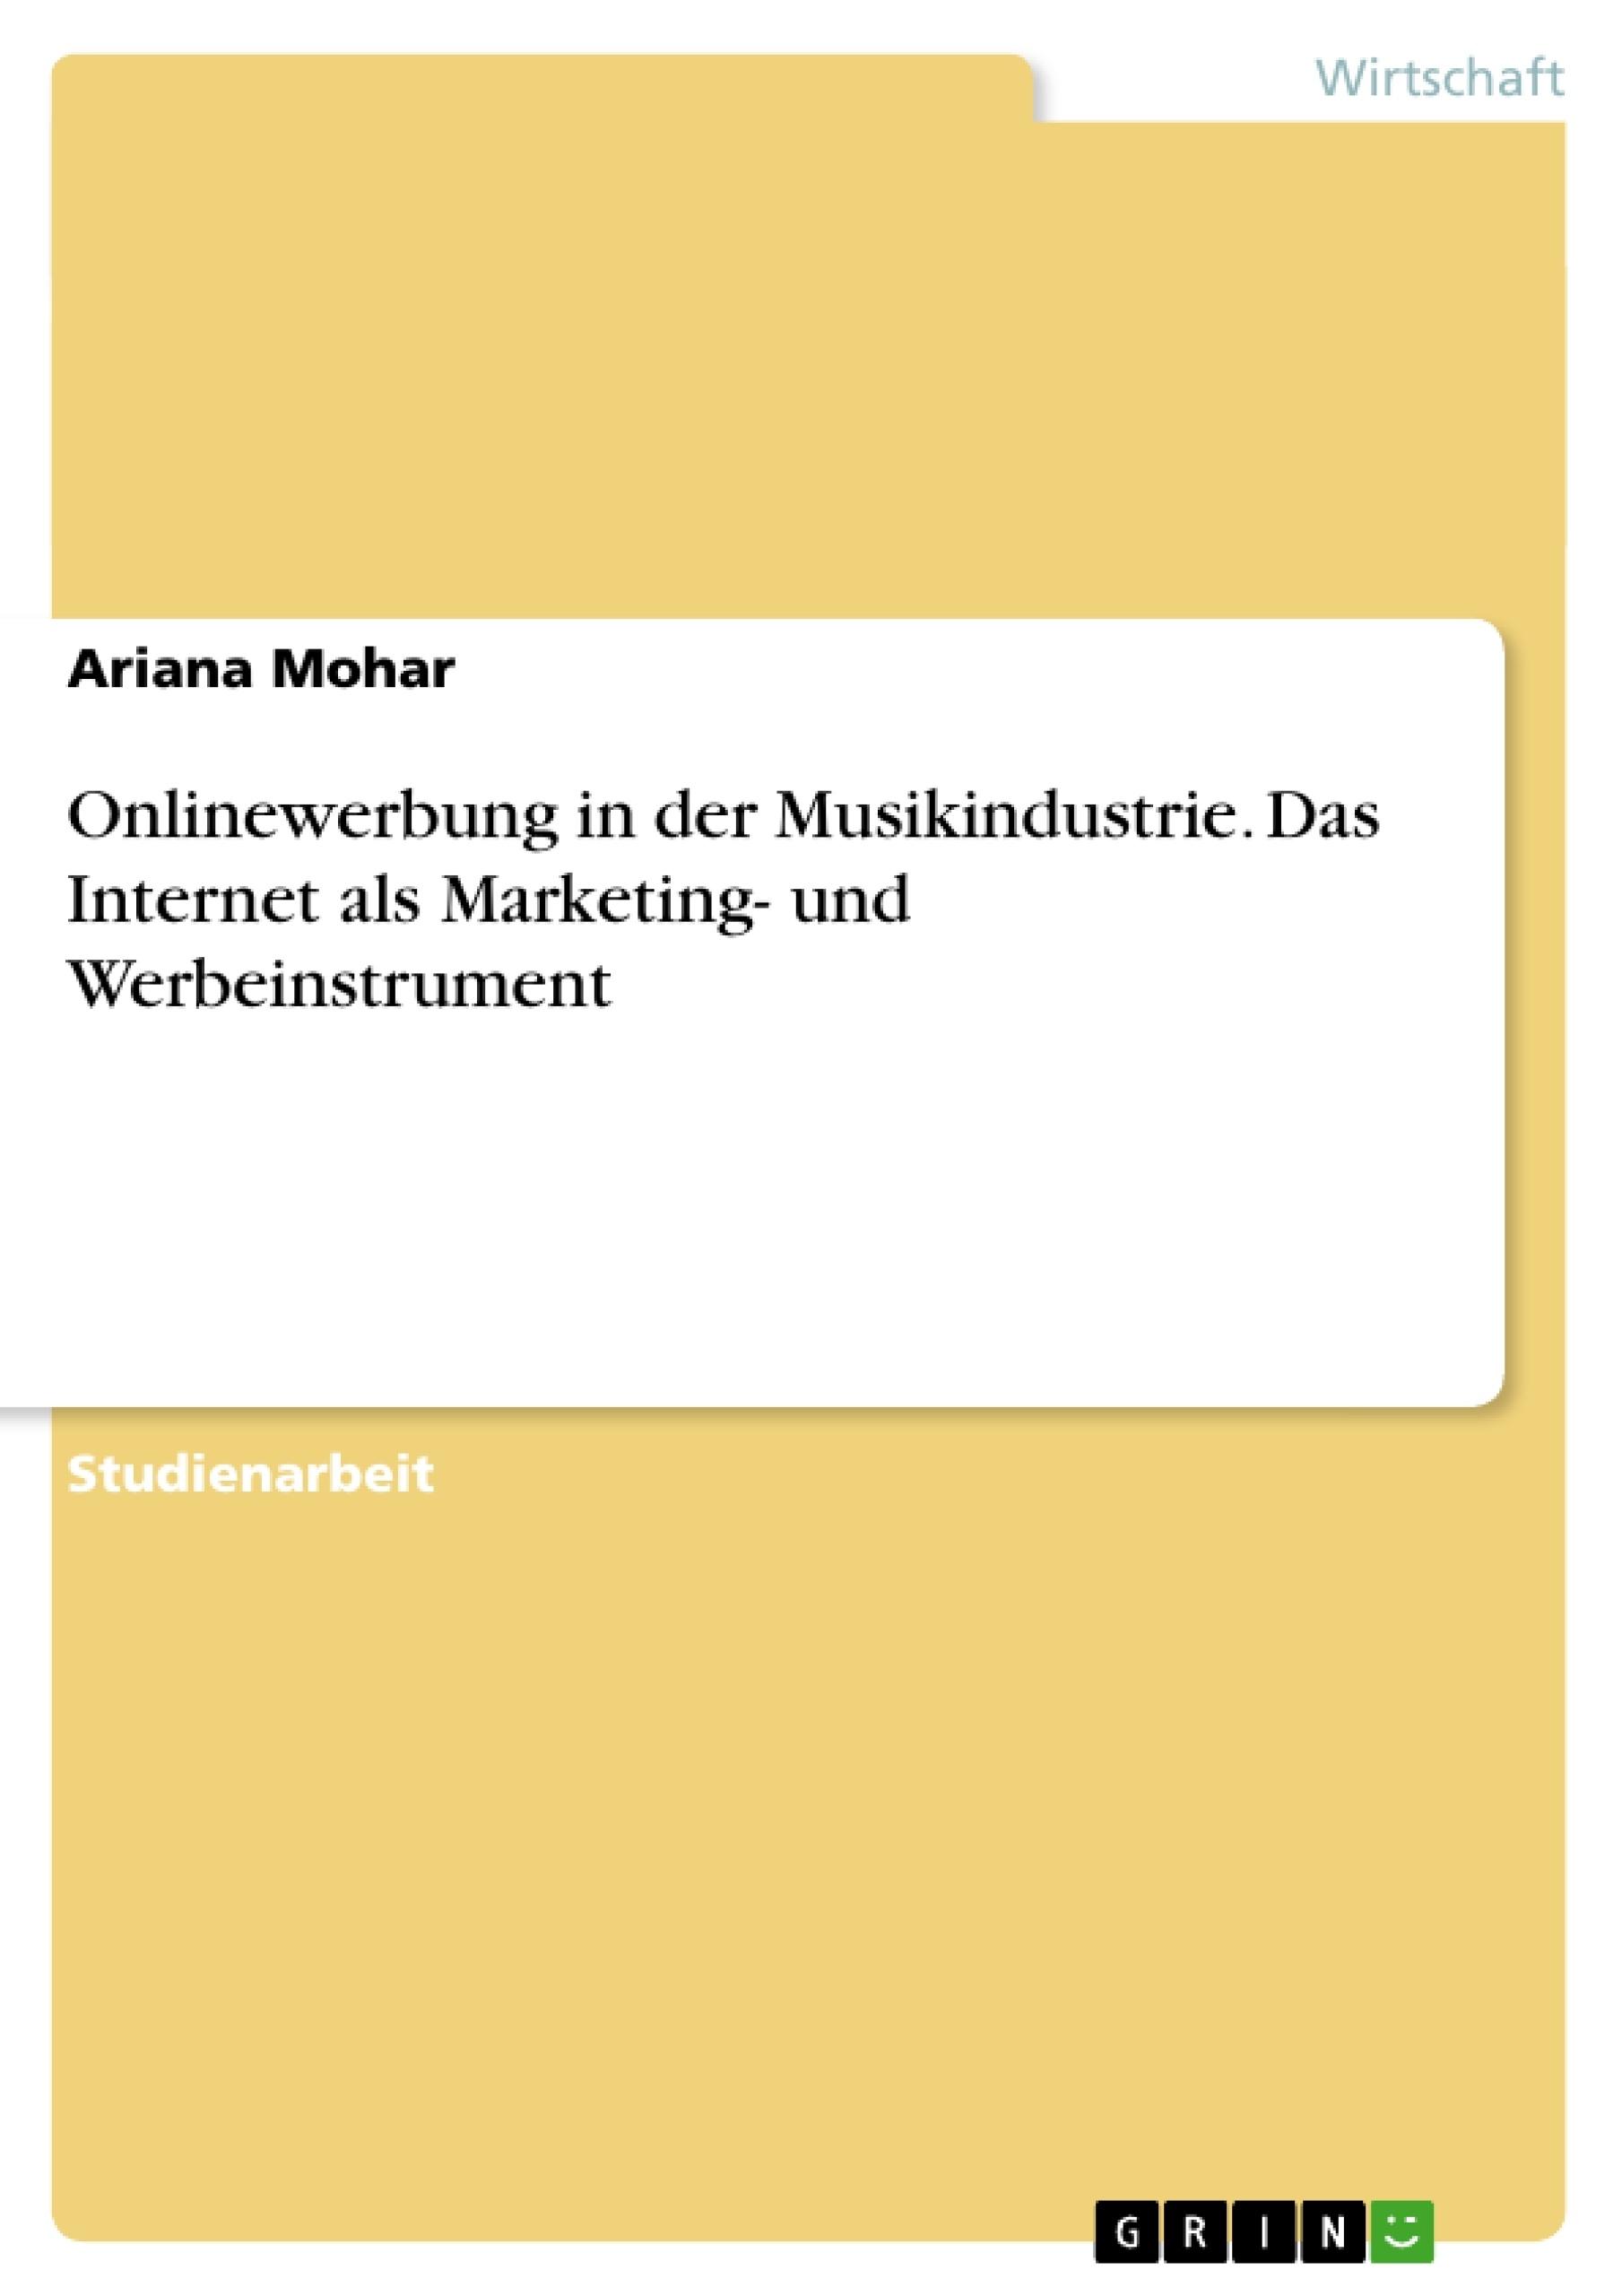 Titel: Onlinewerbung in der Musikindustrie. Das Internet als Marketing- und Werbeinstrument